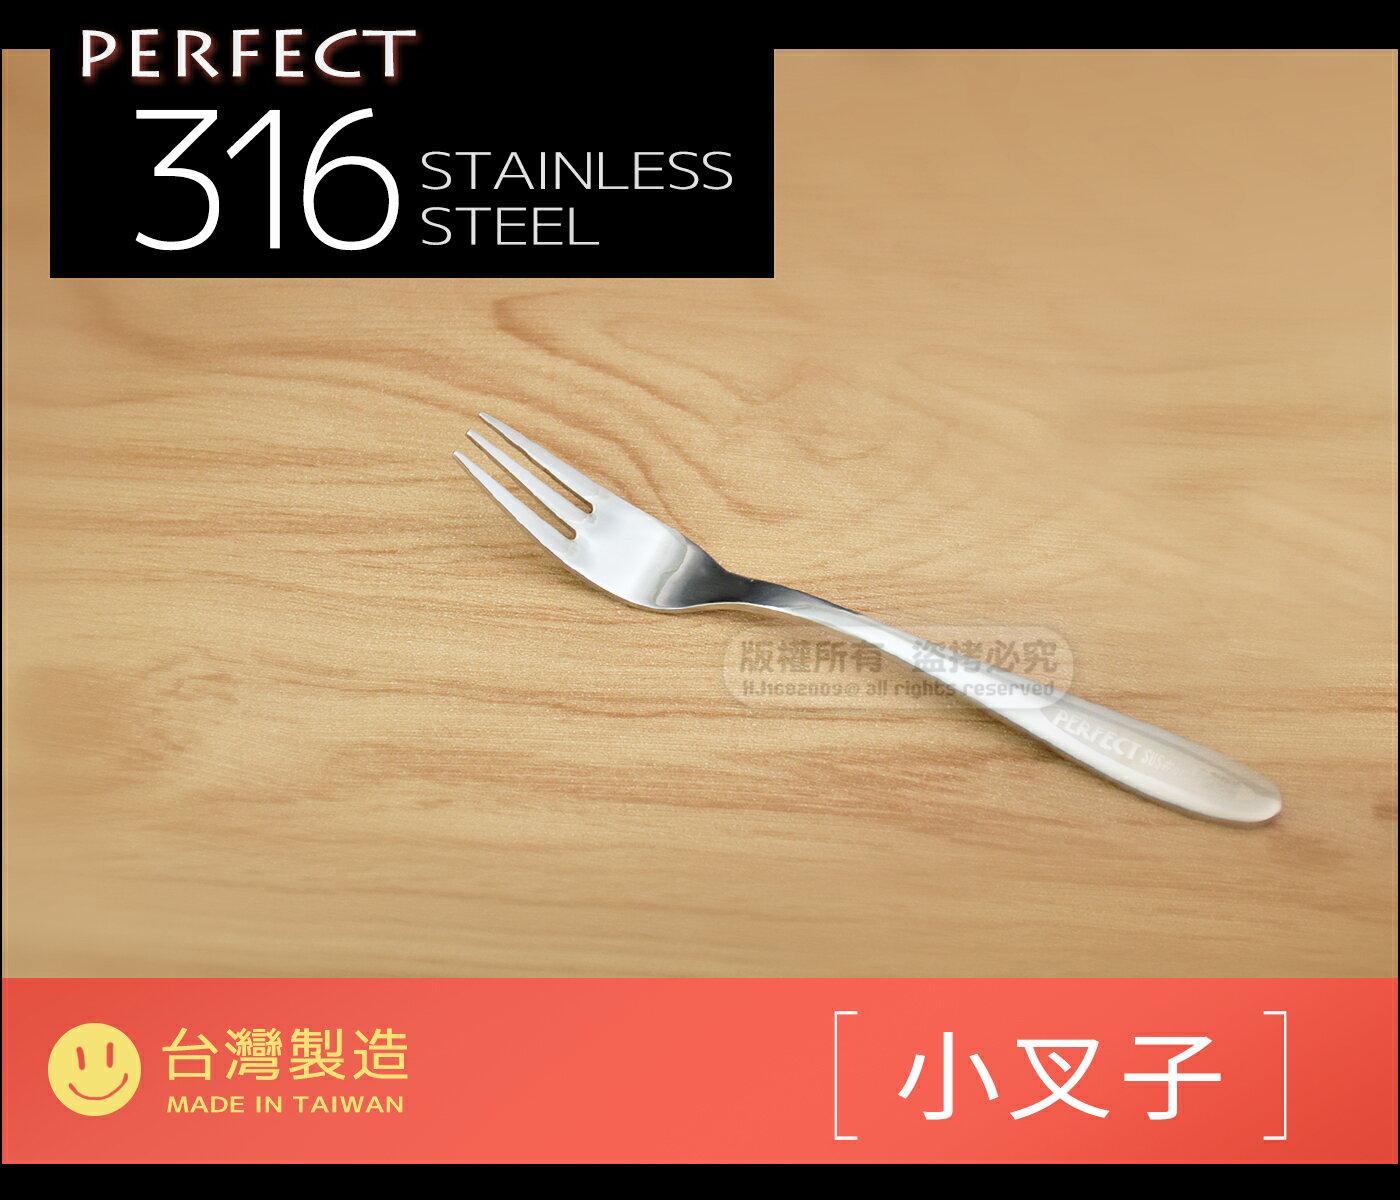 快樂屋♪ PERFECT 9863 極緻316不鏽鋼《小叉子》 台灣製 一體成型 可當水果叉.點心叉.蛋糕叉